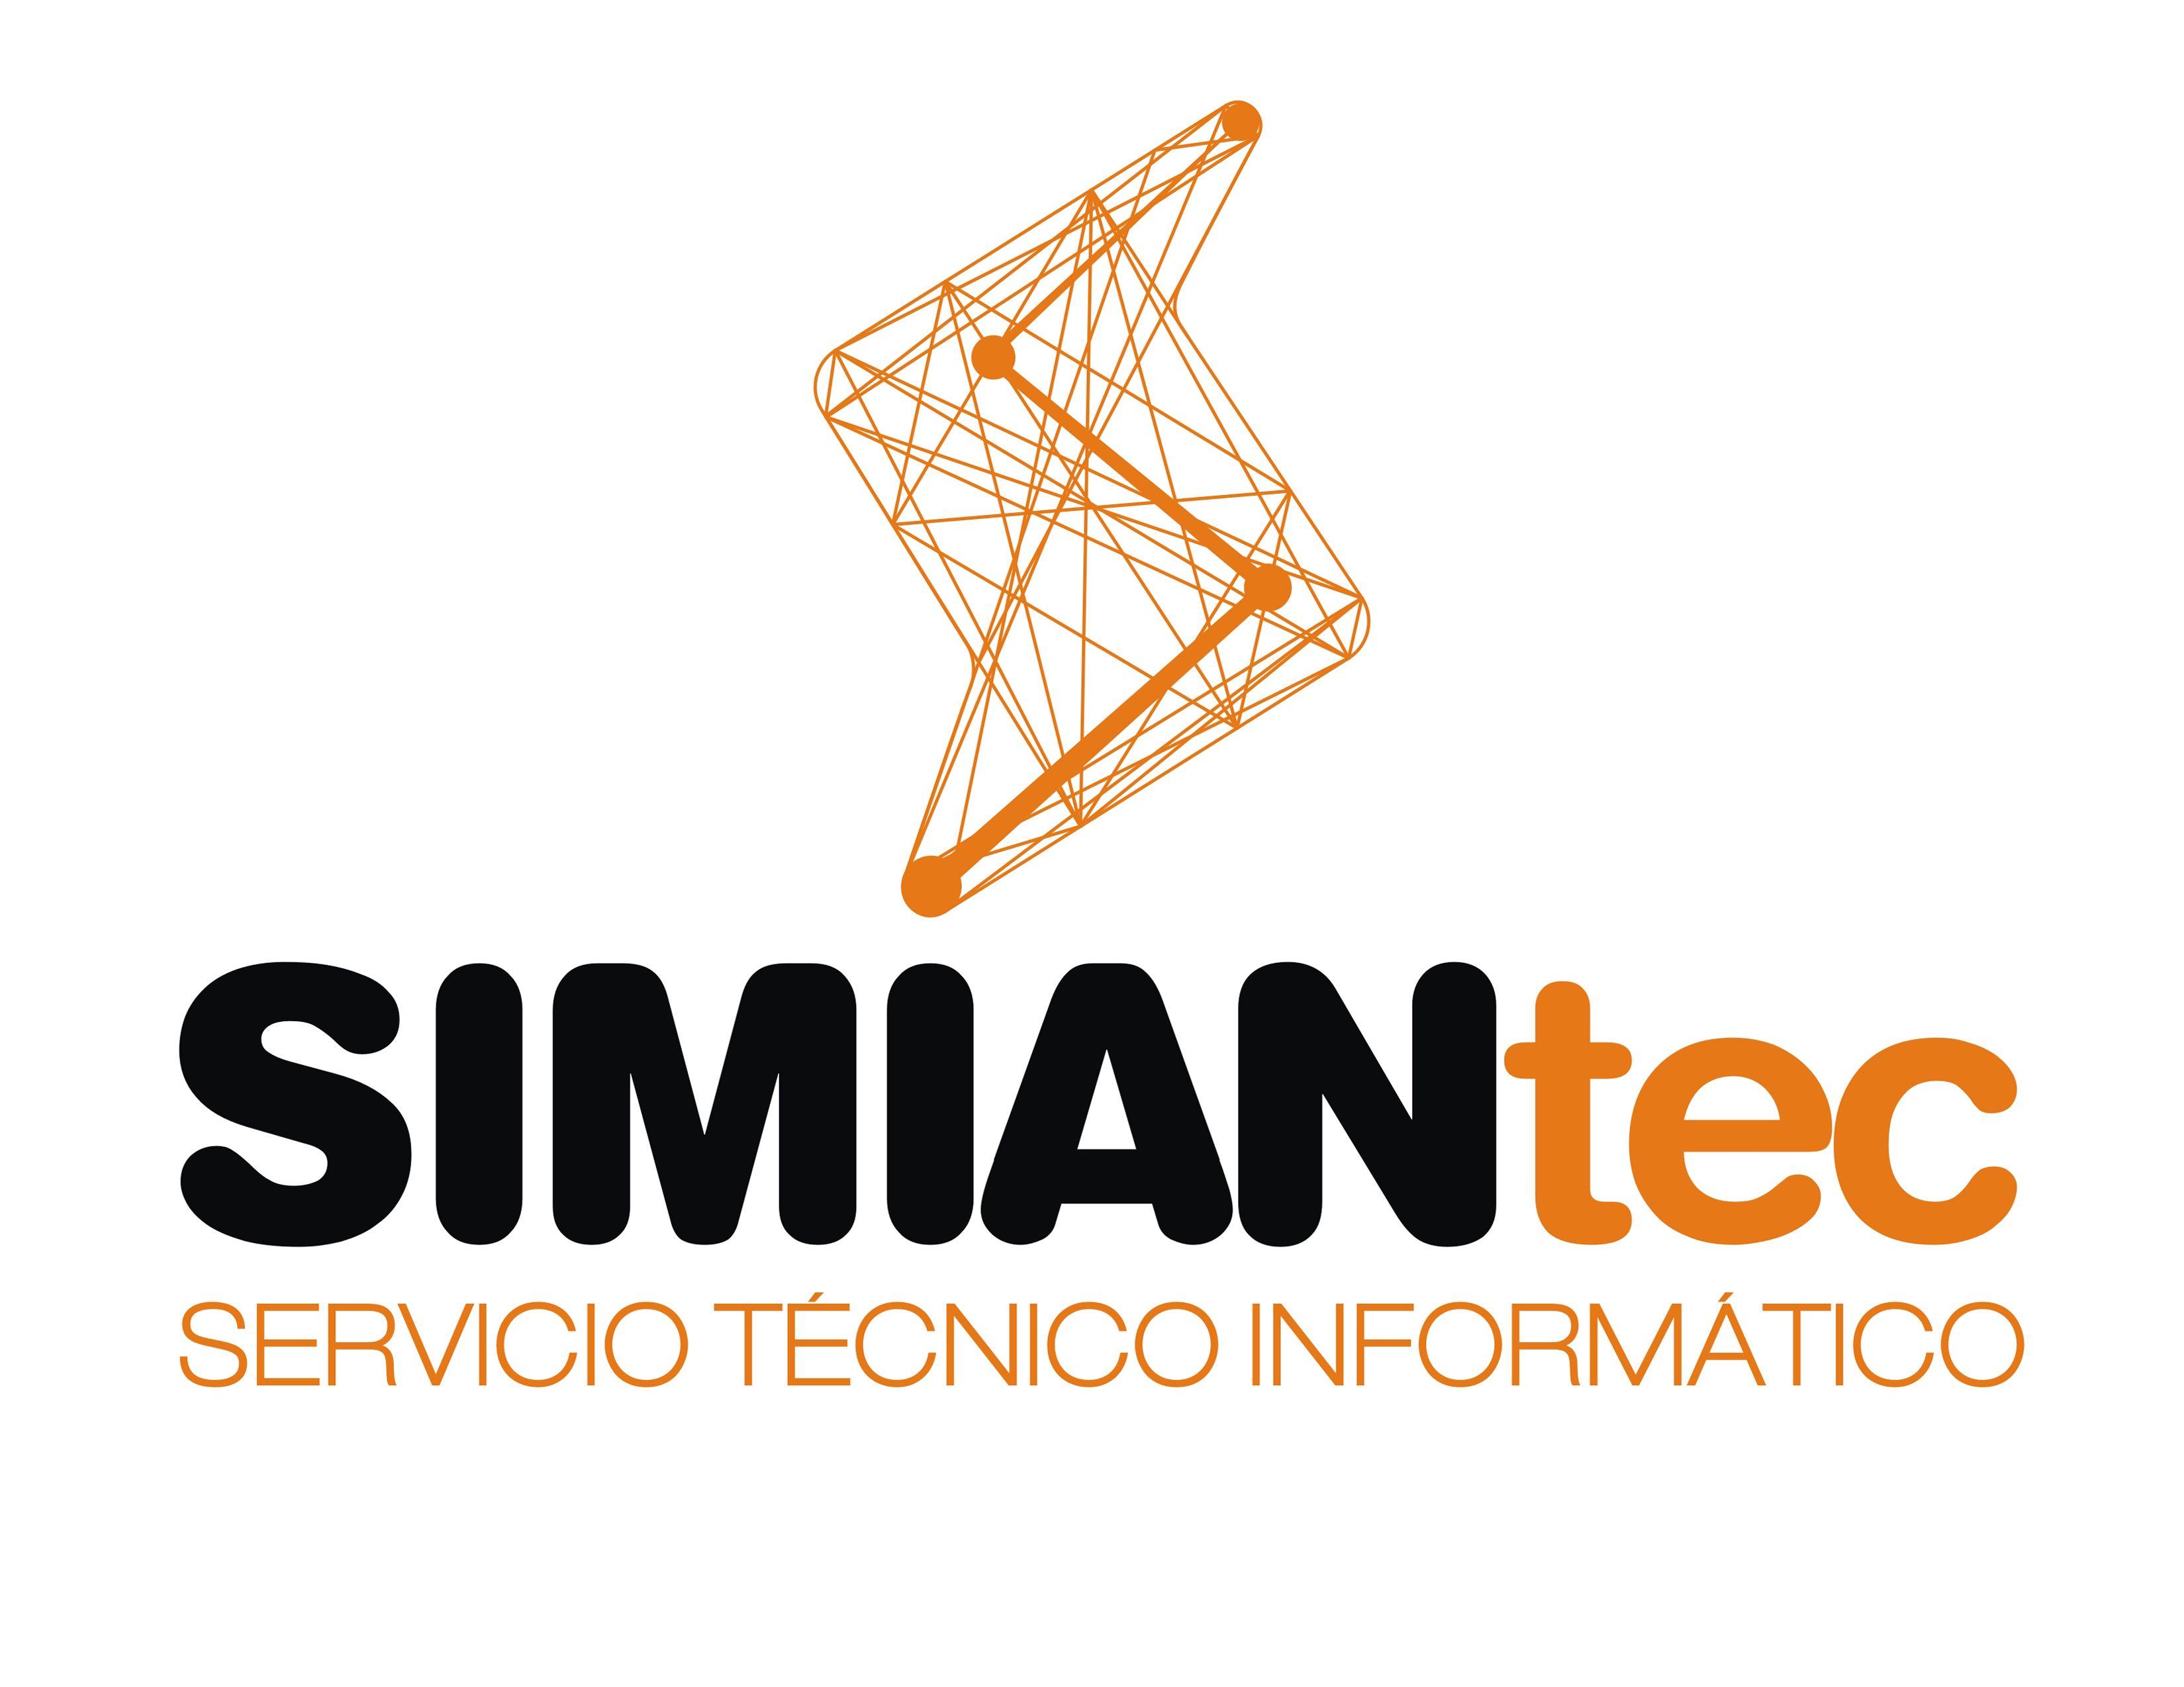 Encantador Reanudar La Ayuda Del Técnico Informático Componente ...